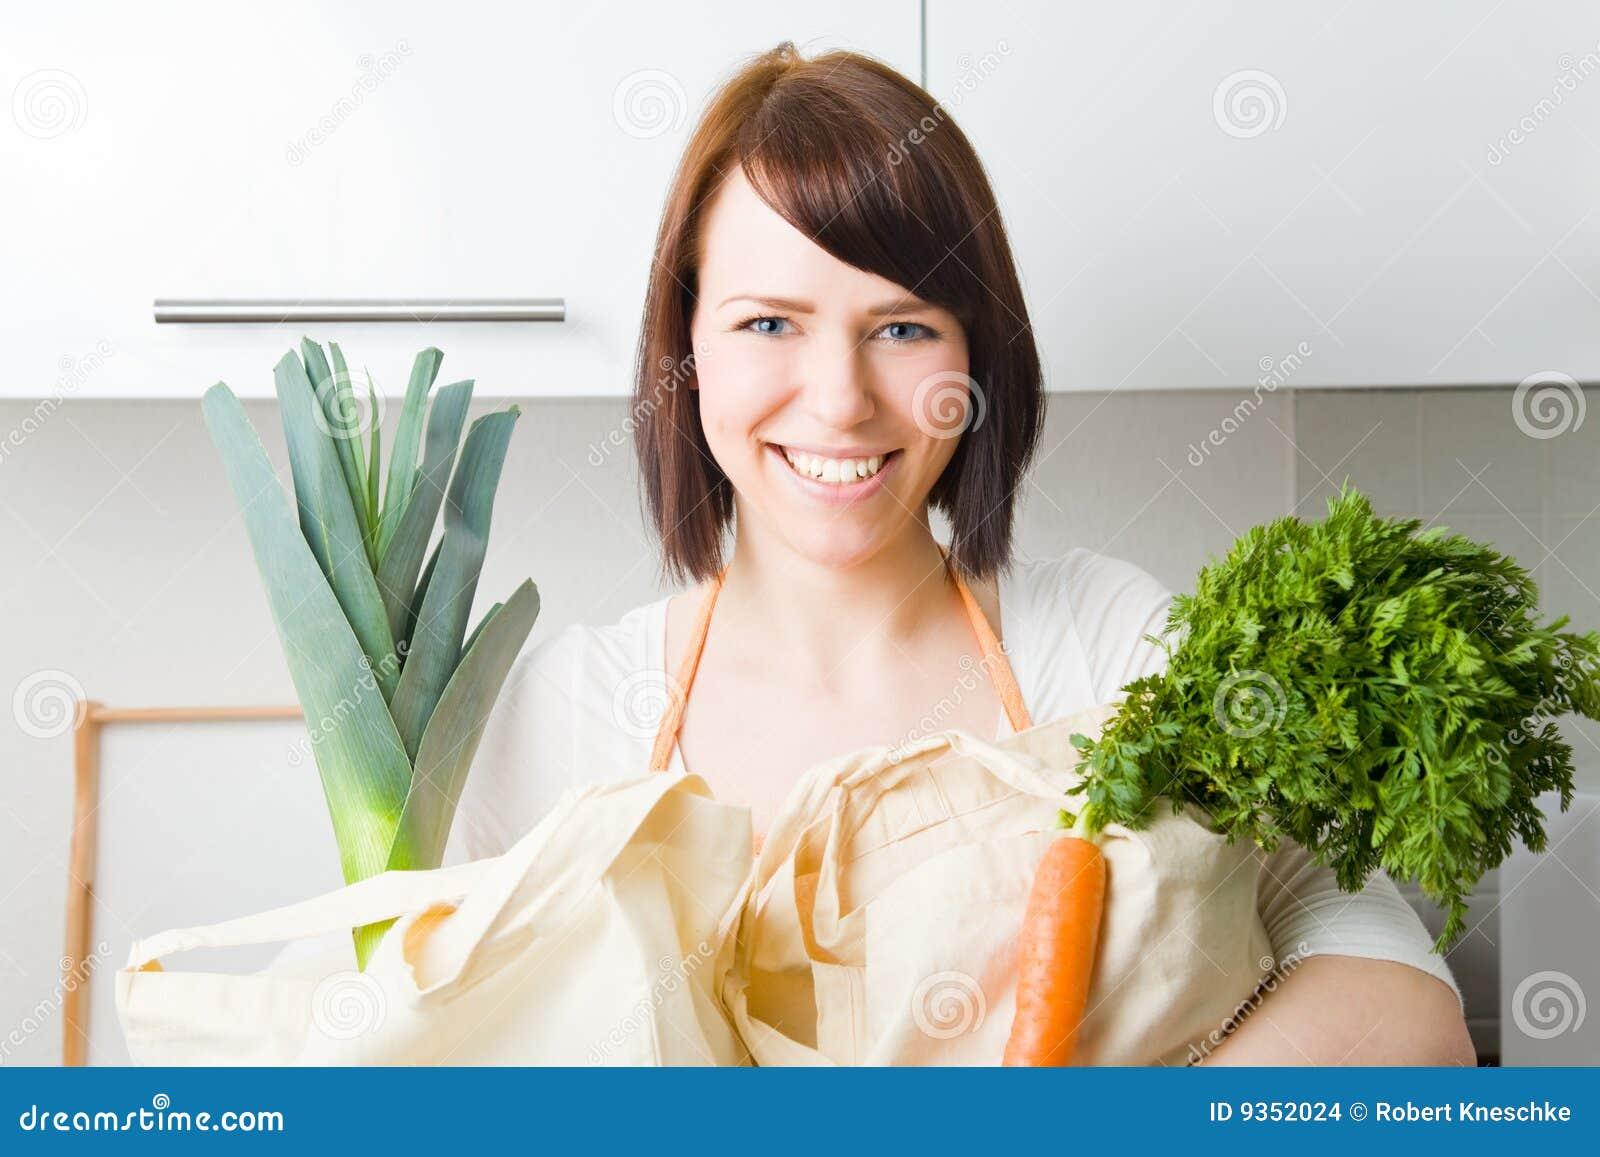 Vegetais carreg